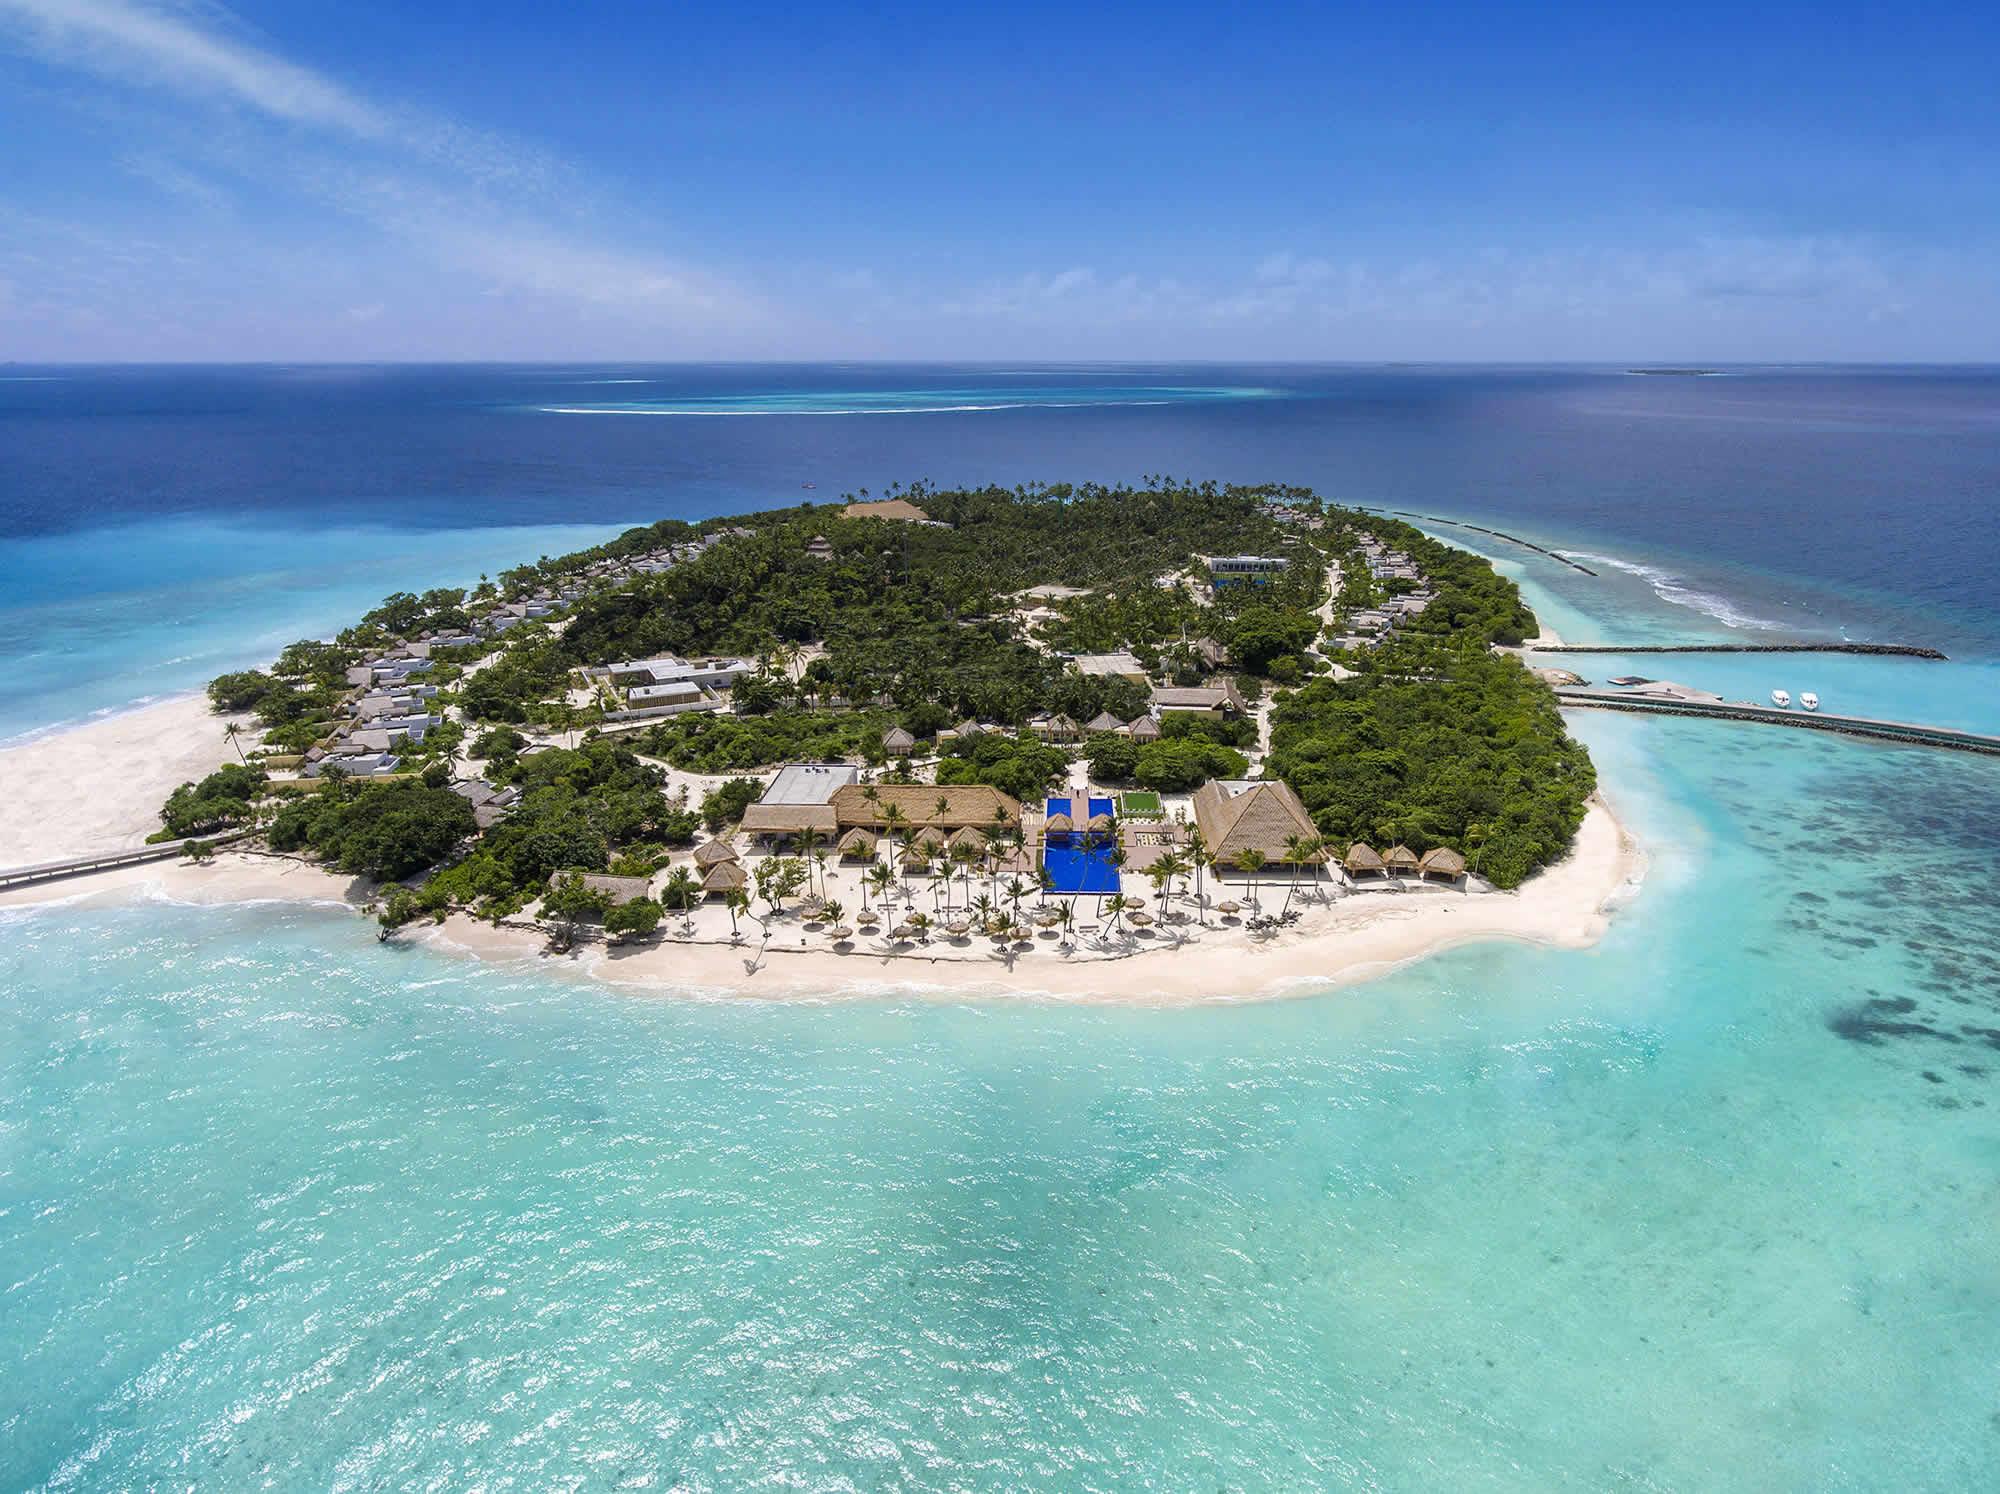 Il resort è circondato da 1,5 chilometri di spiaggia